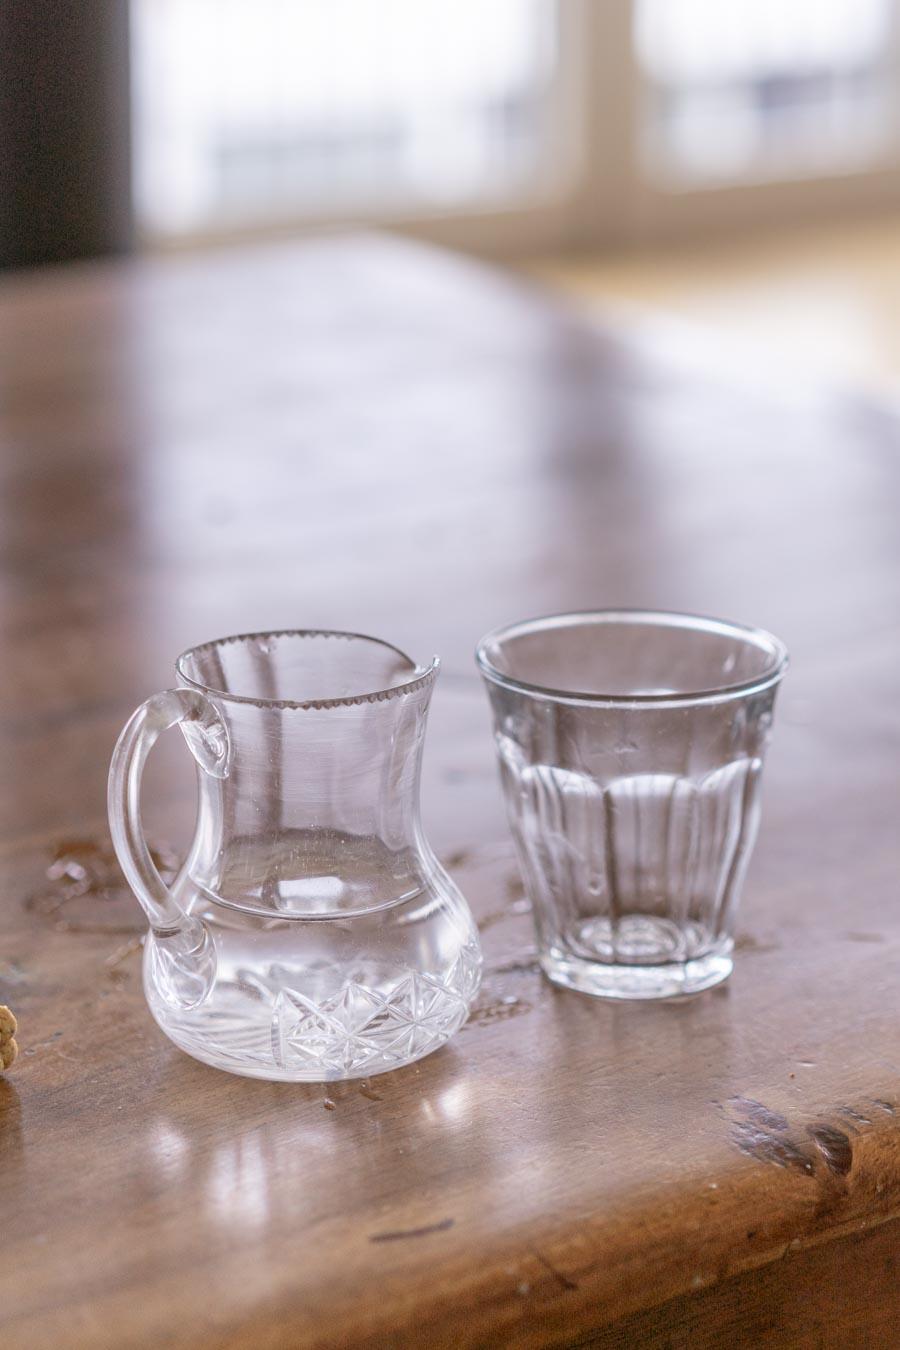 """Kleiner Krug und Glas für Kinder. // Aus dem Artikel """"7 Tipps, wie man nach Montessori einrichten kann, auch mit einem knappen Budget"""" Alles Ideen, die ihr sofort umsetzen könnt: www.chezmamapoule.com #montessori #vorbereiteteumgebung #montessorizuhause"""